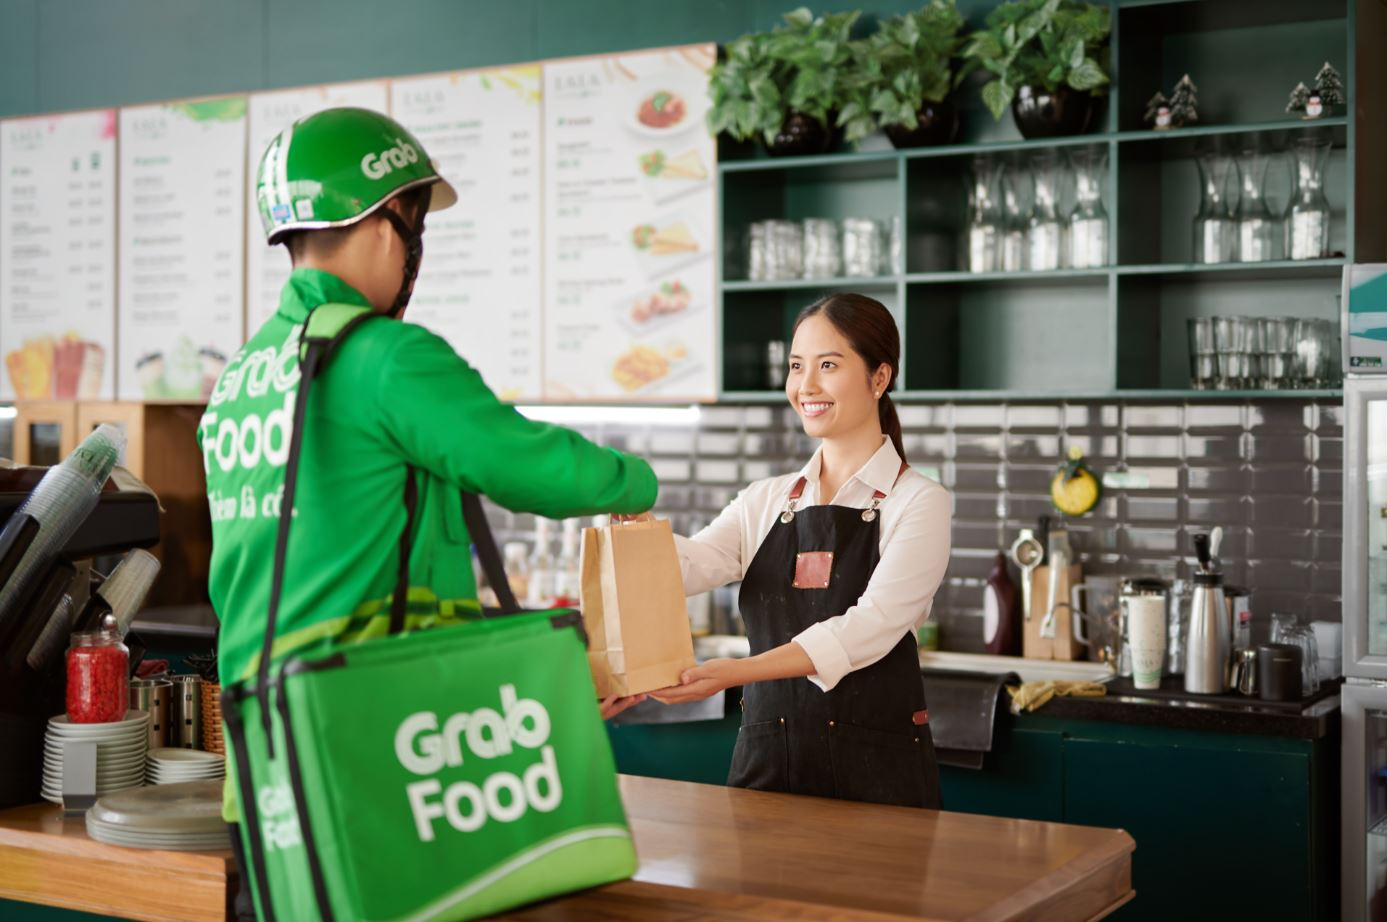 báo cáo online giúp quản lý nhà hàng tốt hơn